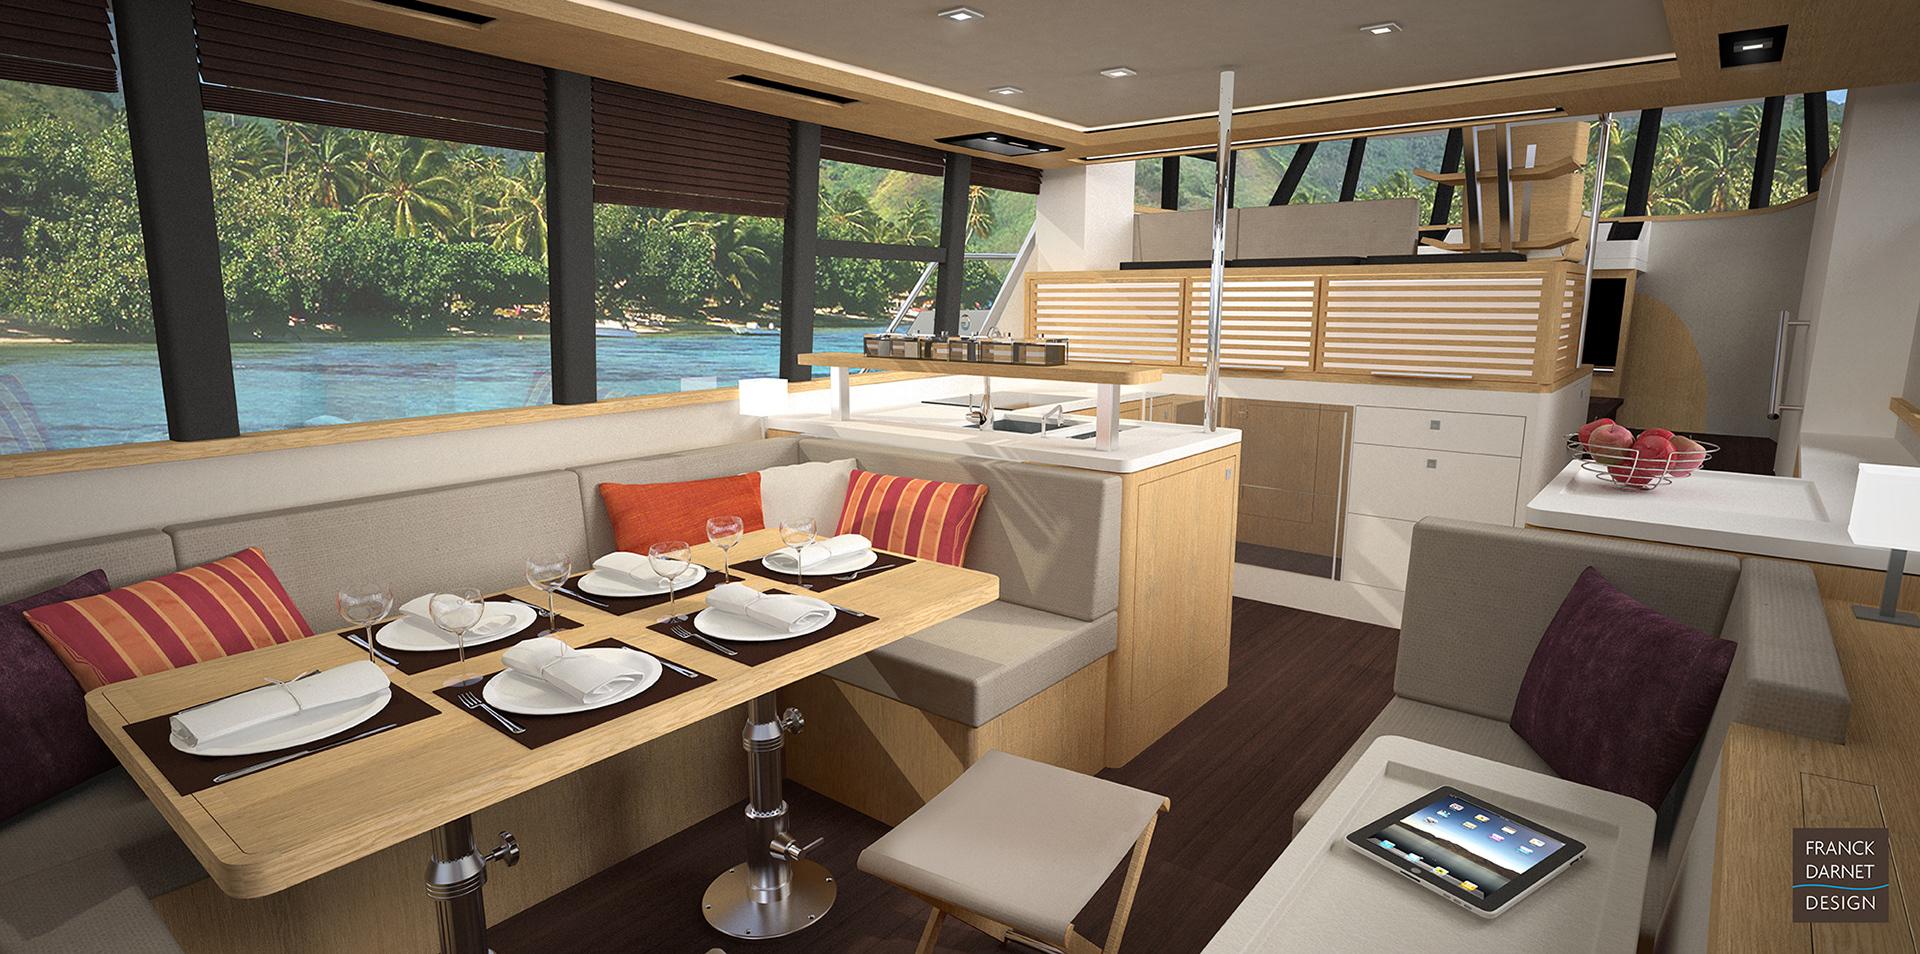 xavier bance franck darnet design yacht design. Black Bedroom Furniture Sets. Home Design Ideas